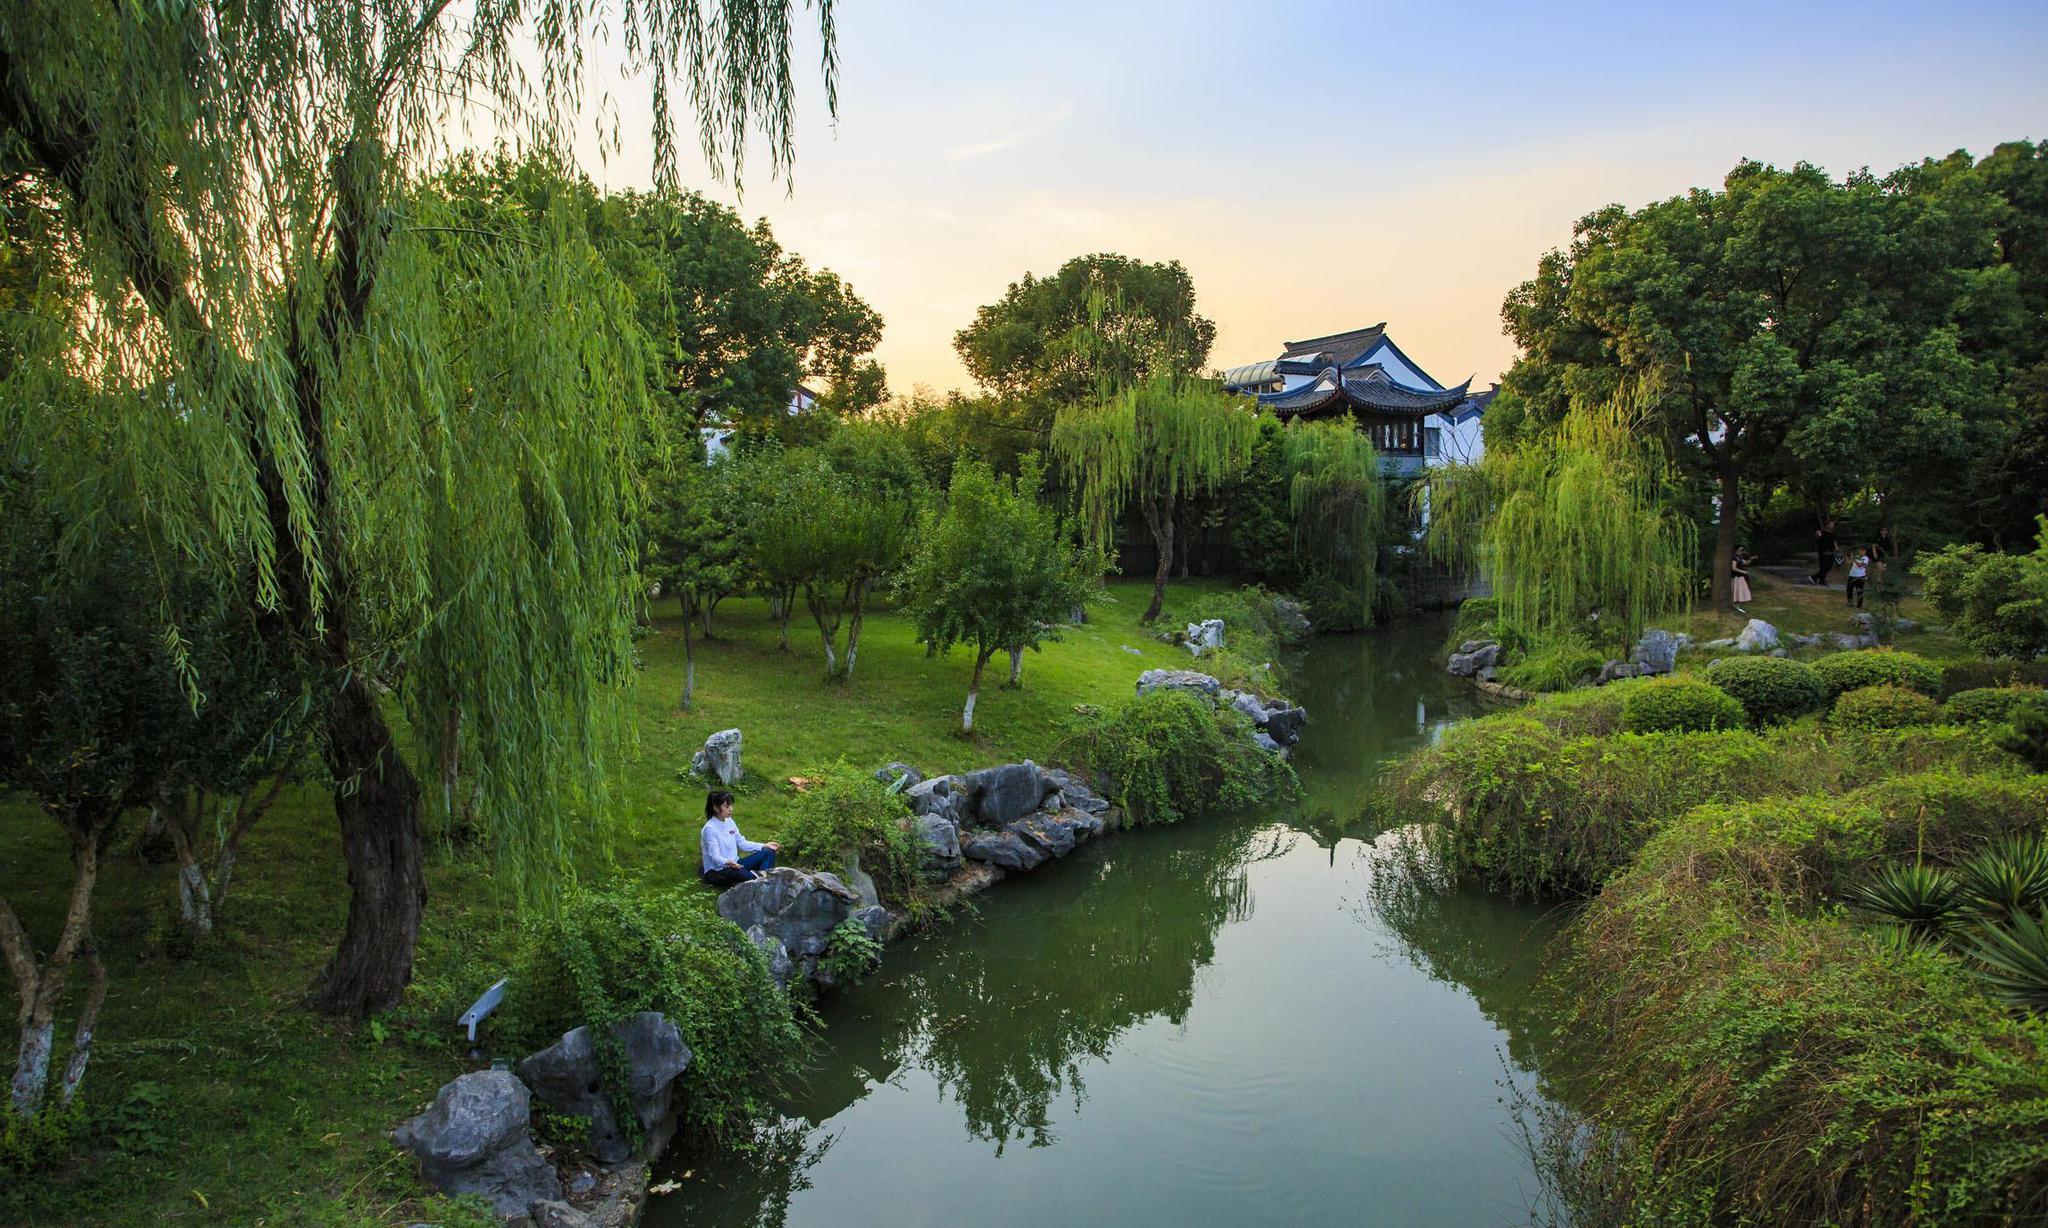 苏州园林的柔美,你一定要去看看,江南的标志就是它的简单